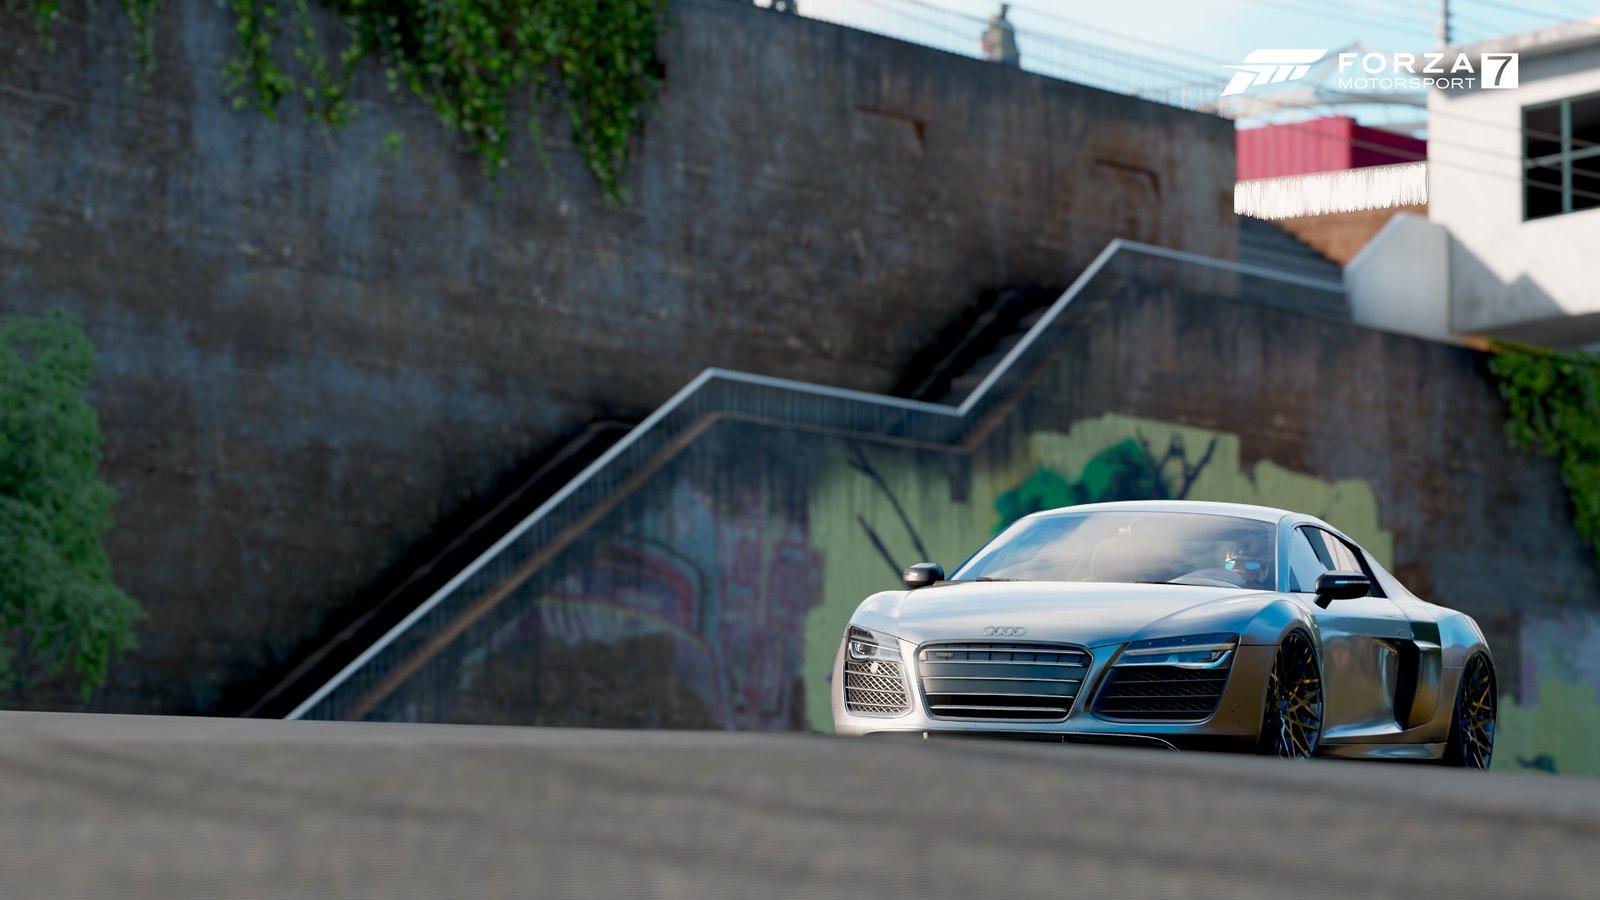 26790429678_1205e51cdd_h ForzaMotorsport.fr